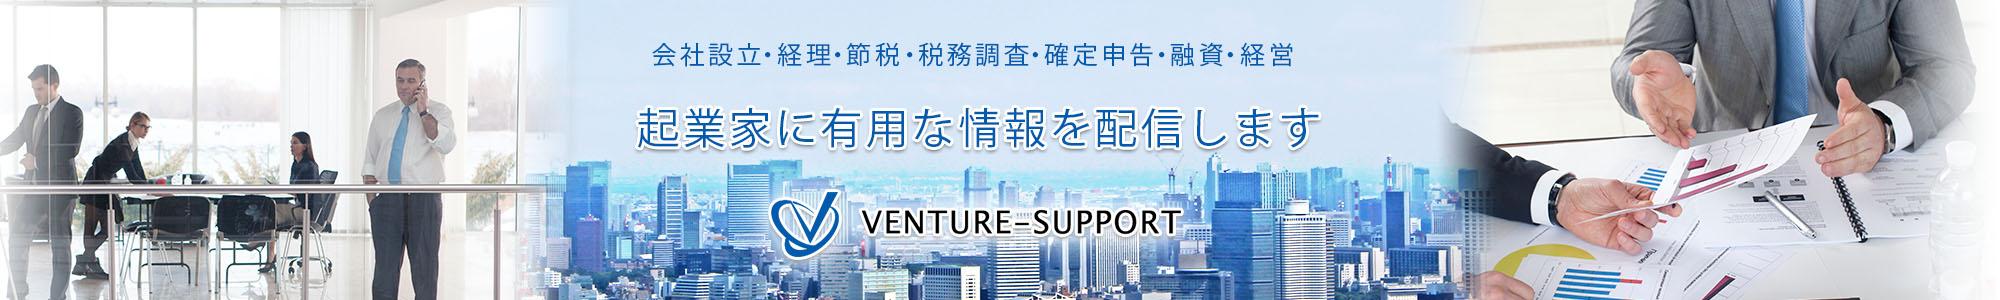 会社設立・経理・節税・税務調査・確定申告・融資・経営、起業家に有用な情報を配信します。